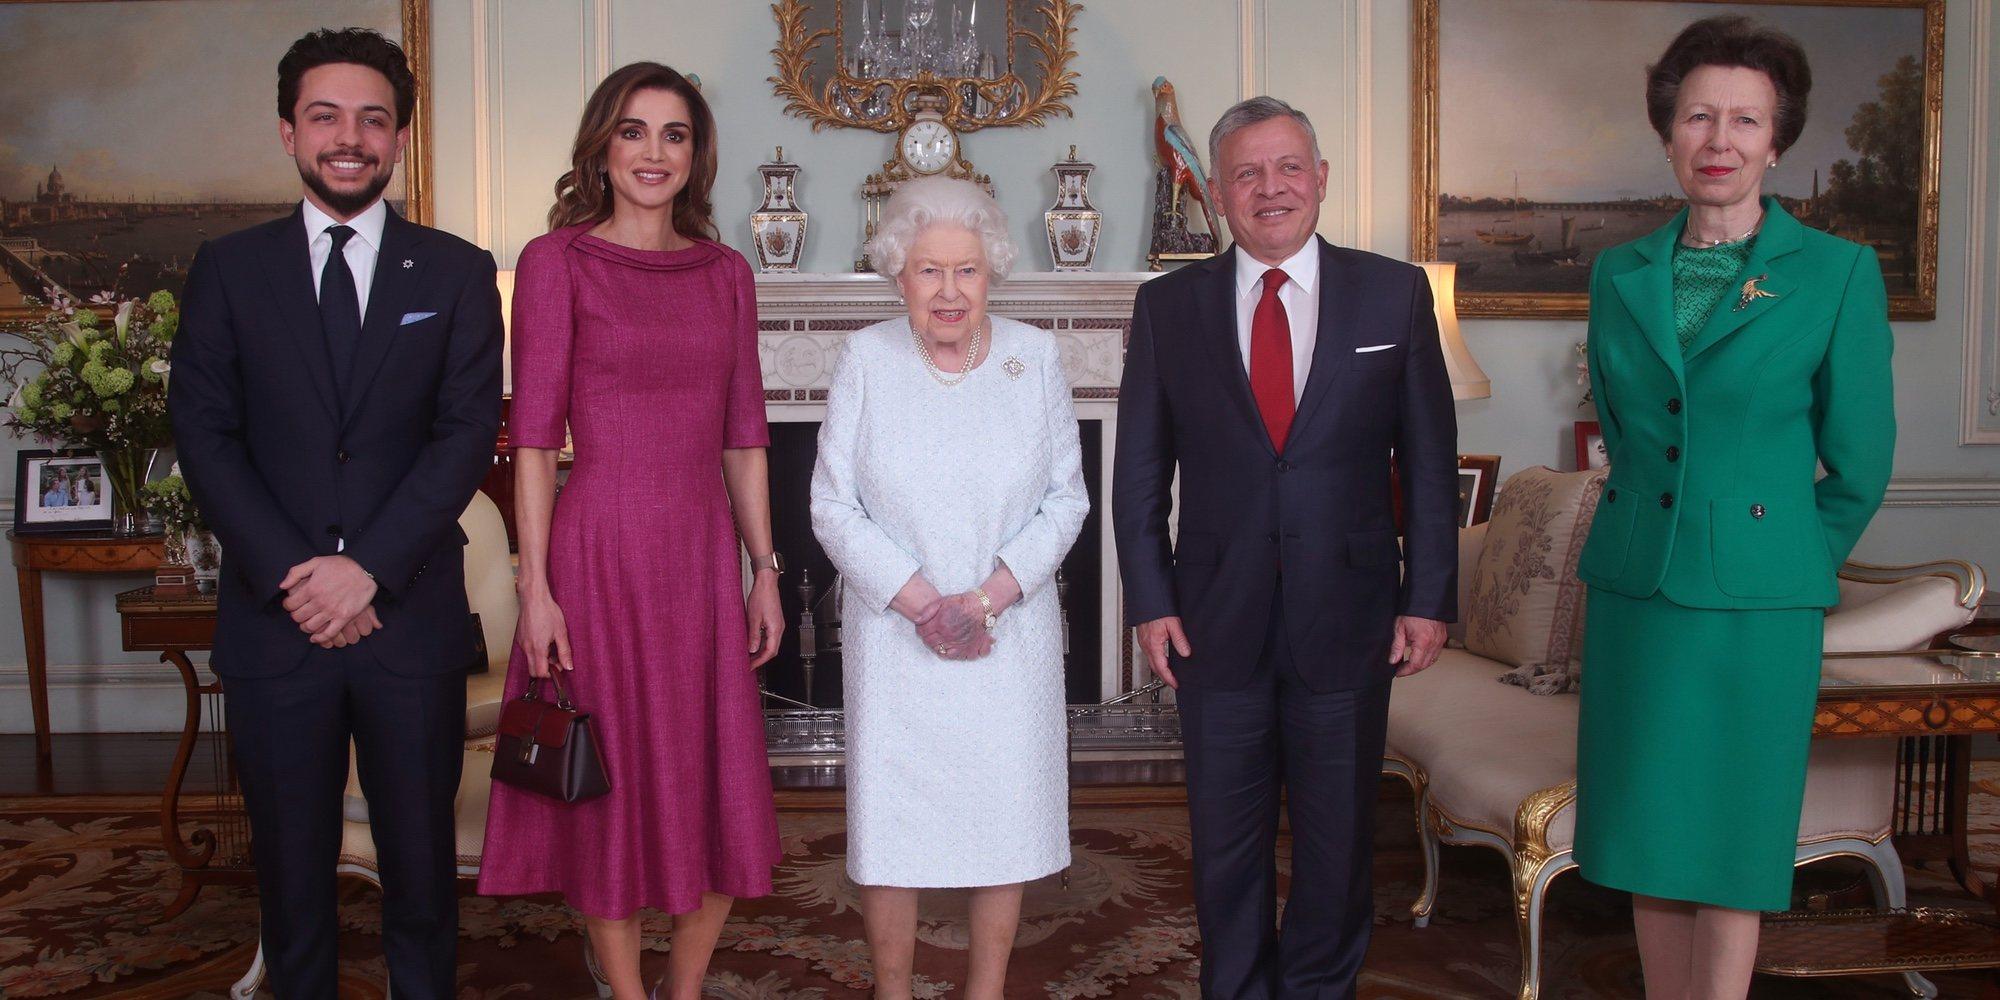 Los Reyes Felipe y Letizia y sus hijas se cuelan en la recepción de la Reina Isabel a Abdalá, Rania y Hussein de Jordania